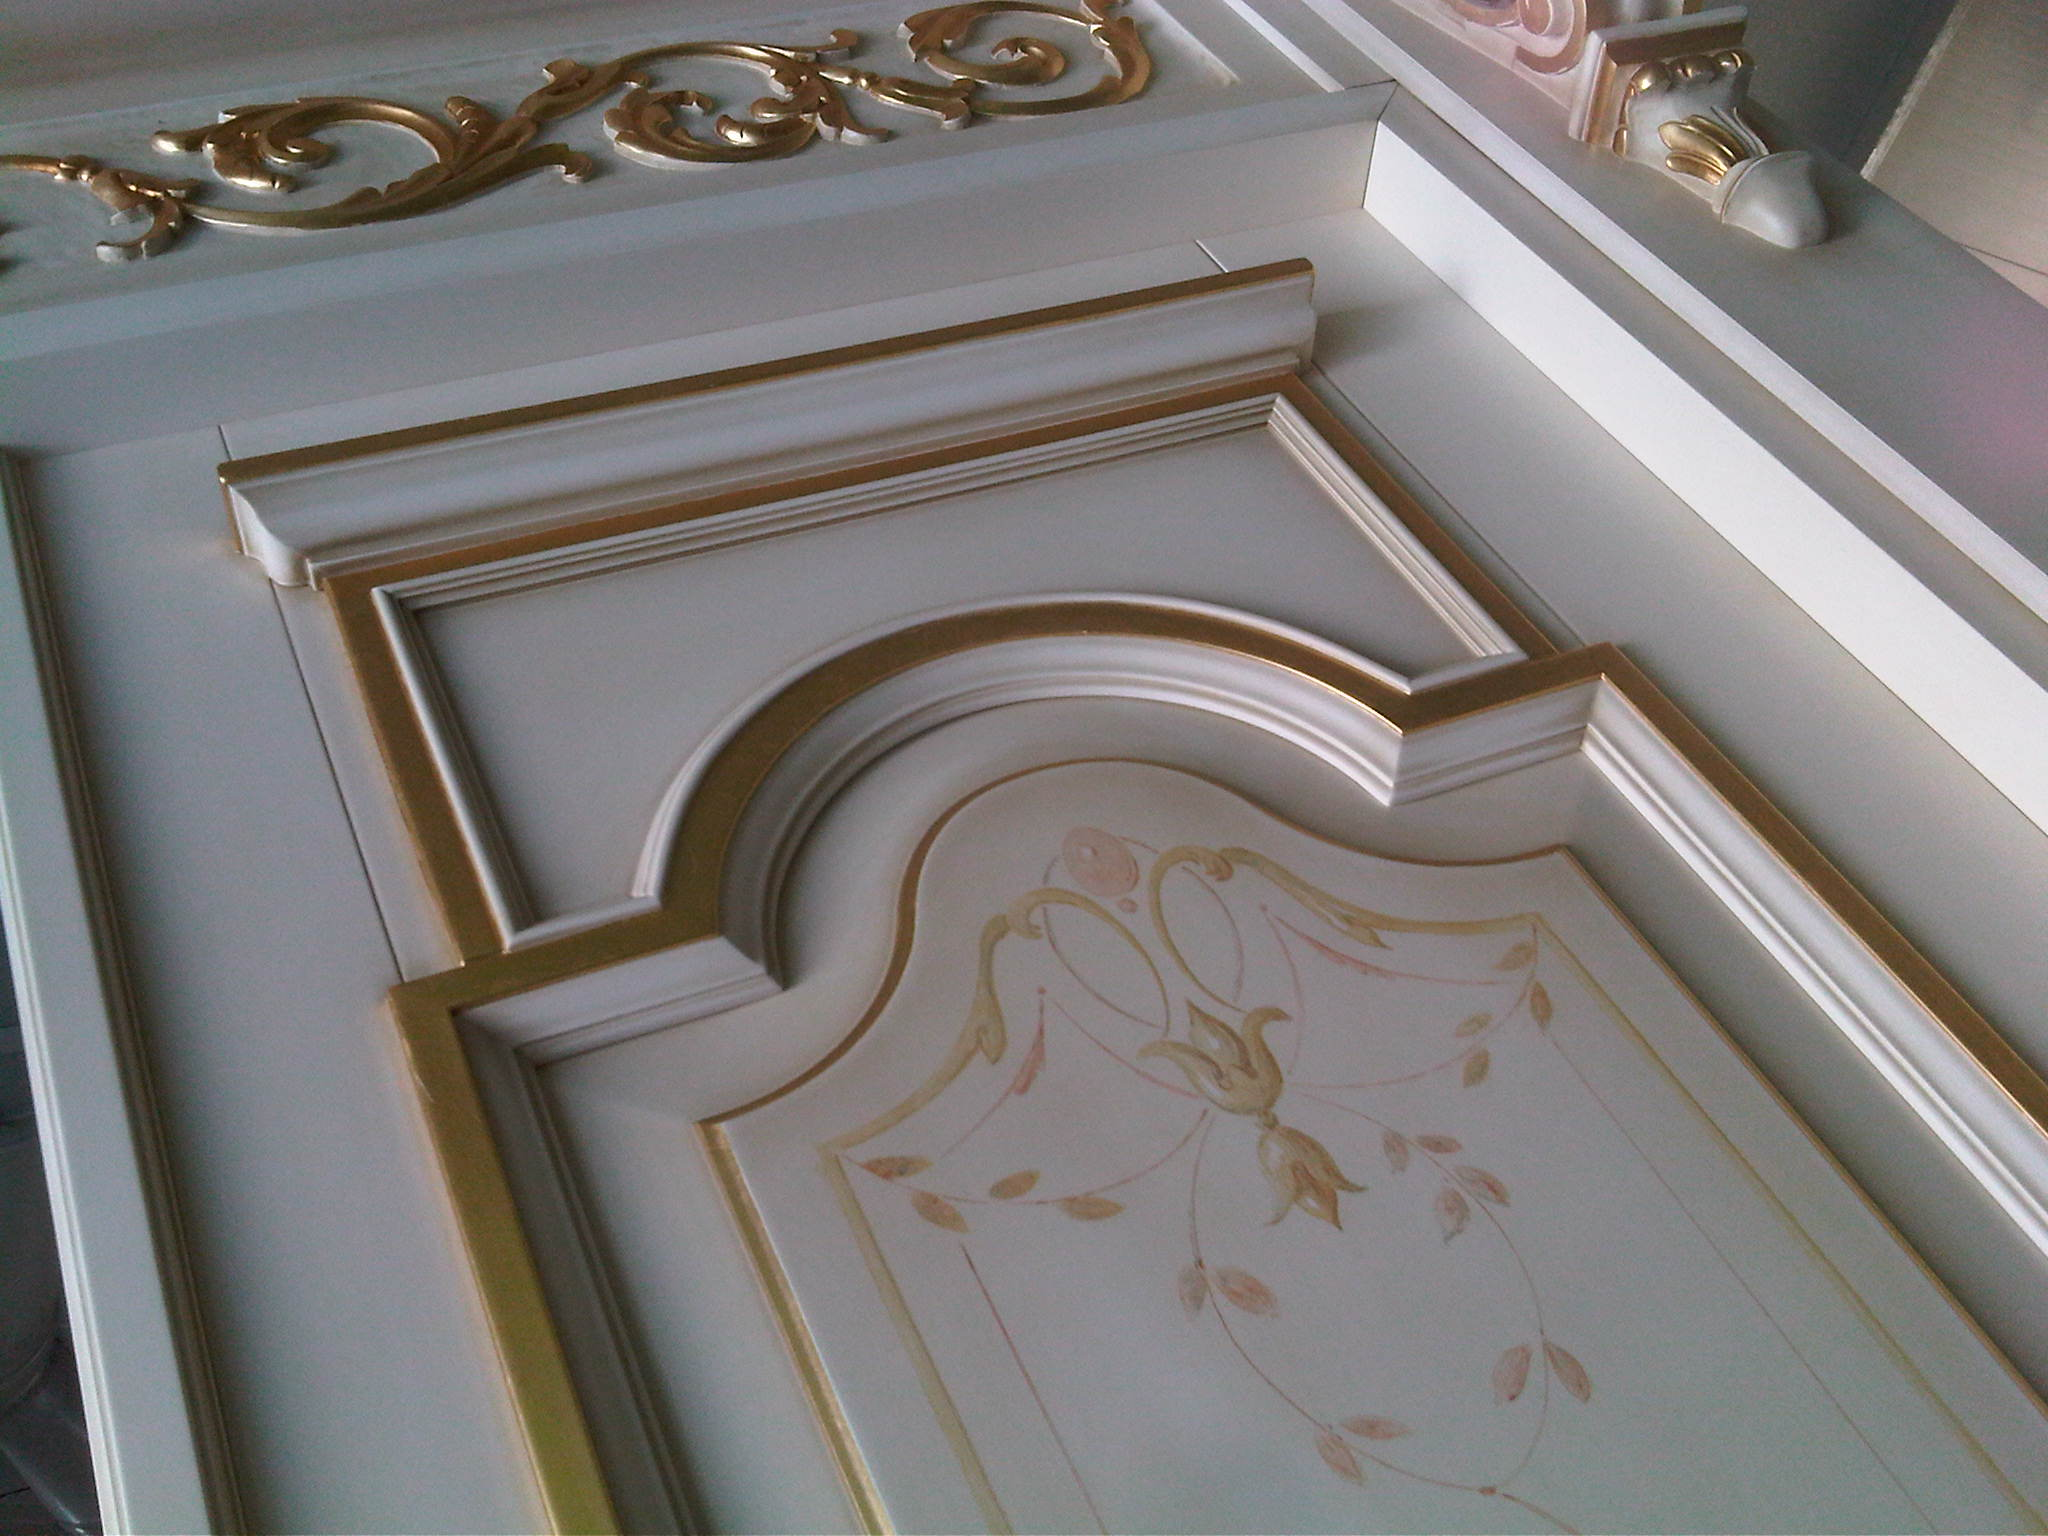 Xilema esempi d 39 intagli e decorazioni per porte interne - Decorazioni su porte interne ...